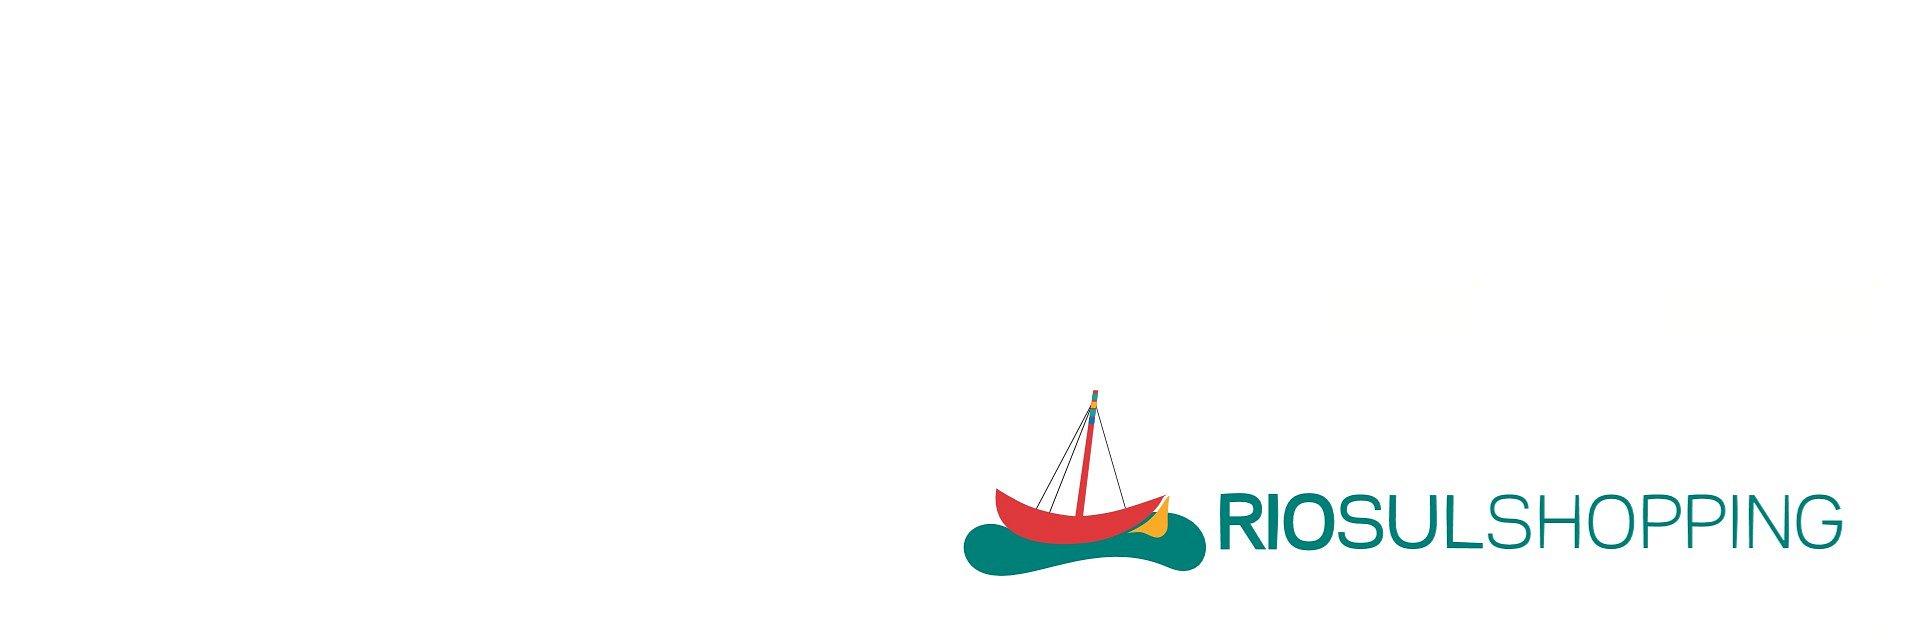 RioSul Shopping recebe a Primavera com sessões de cinema infantil!